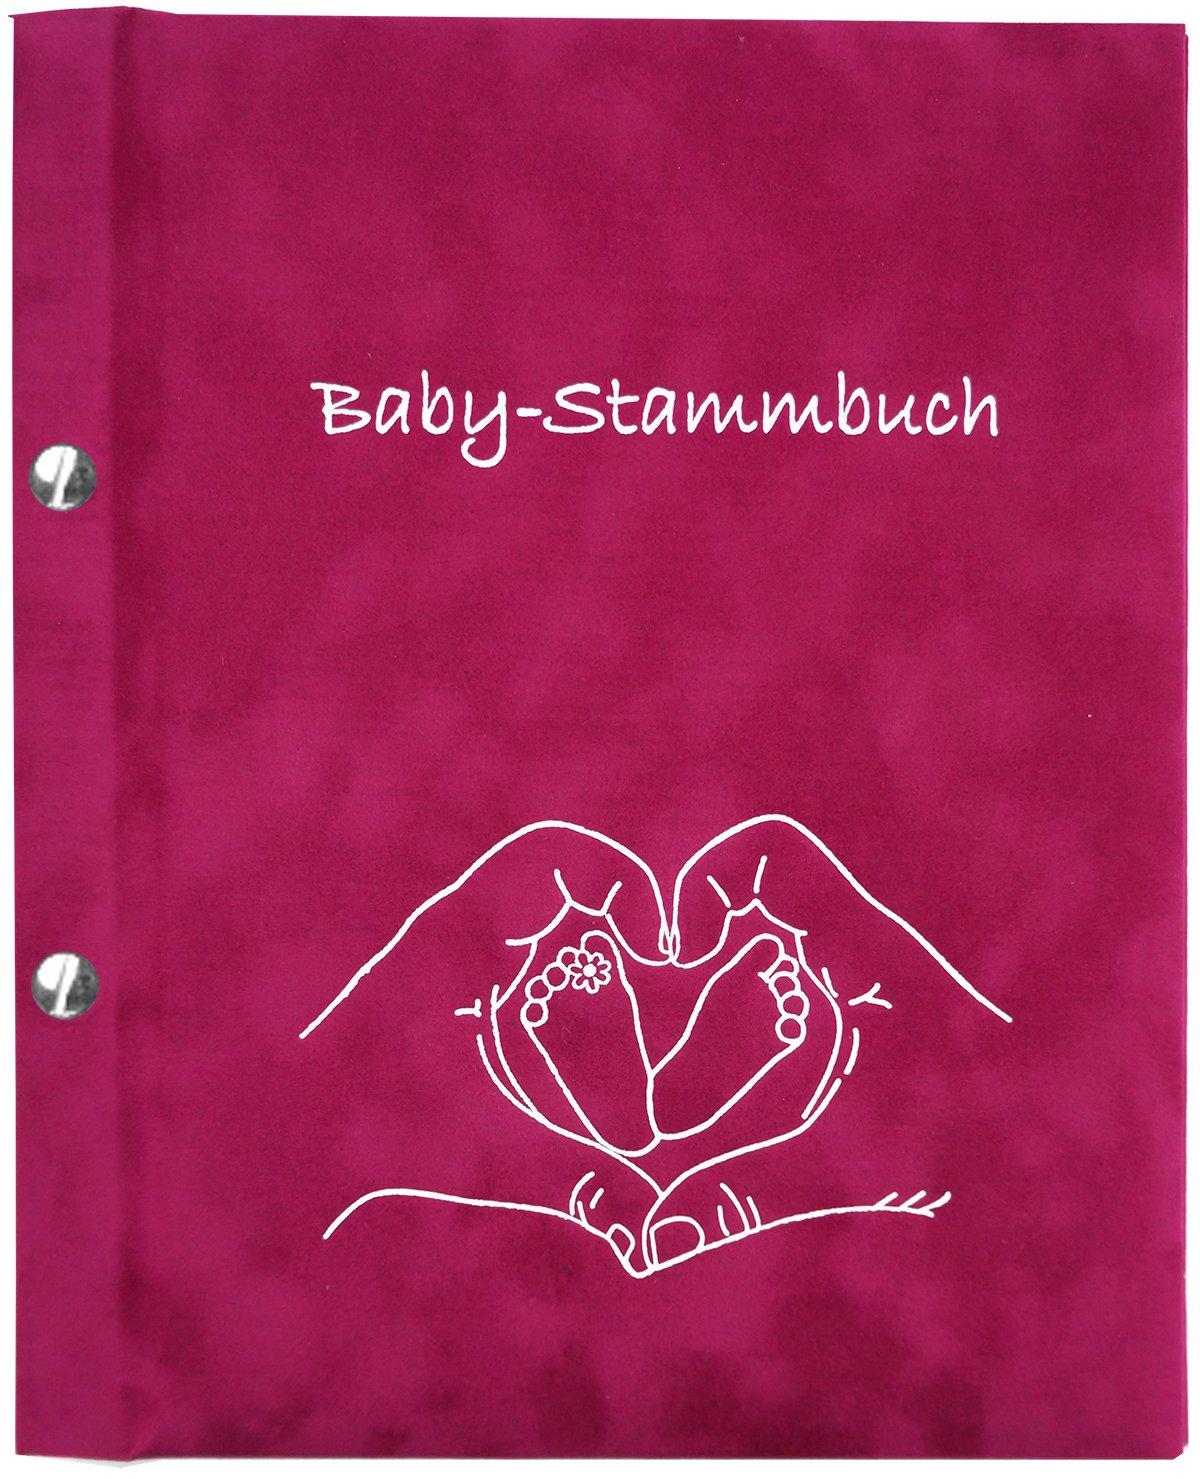 Baby-Stammbuch Paula, Geschenk zur Geburt, Mä dchen, pink Stammbuchverlag